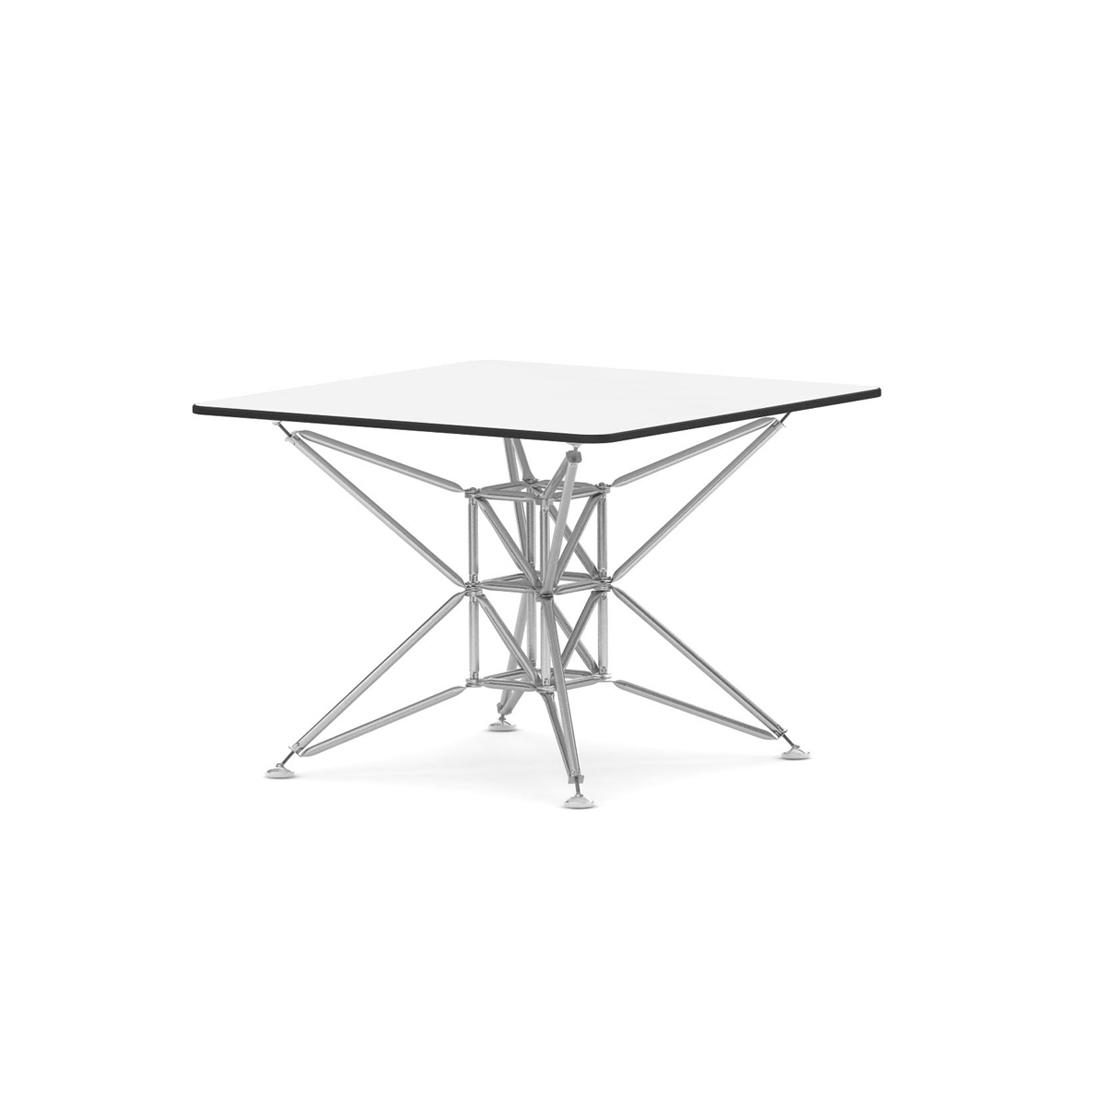 Tisch 97x97 cm viereckig wei lunar system 180 i design deli for Design thinking tisch